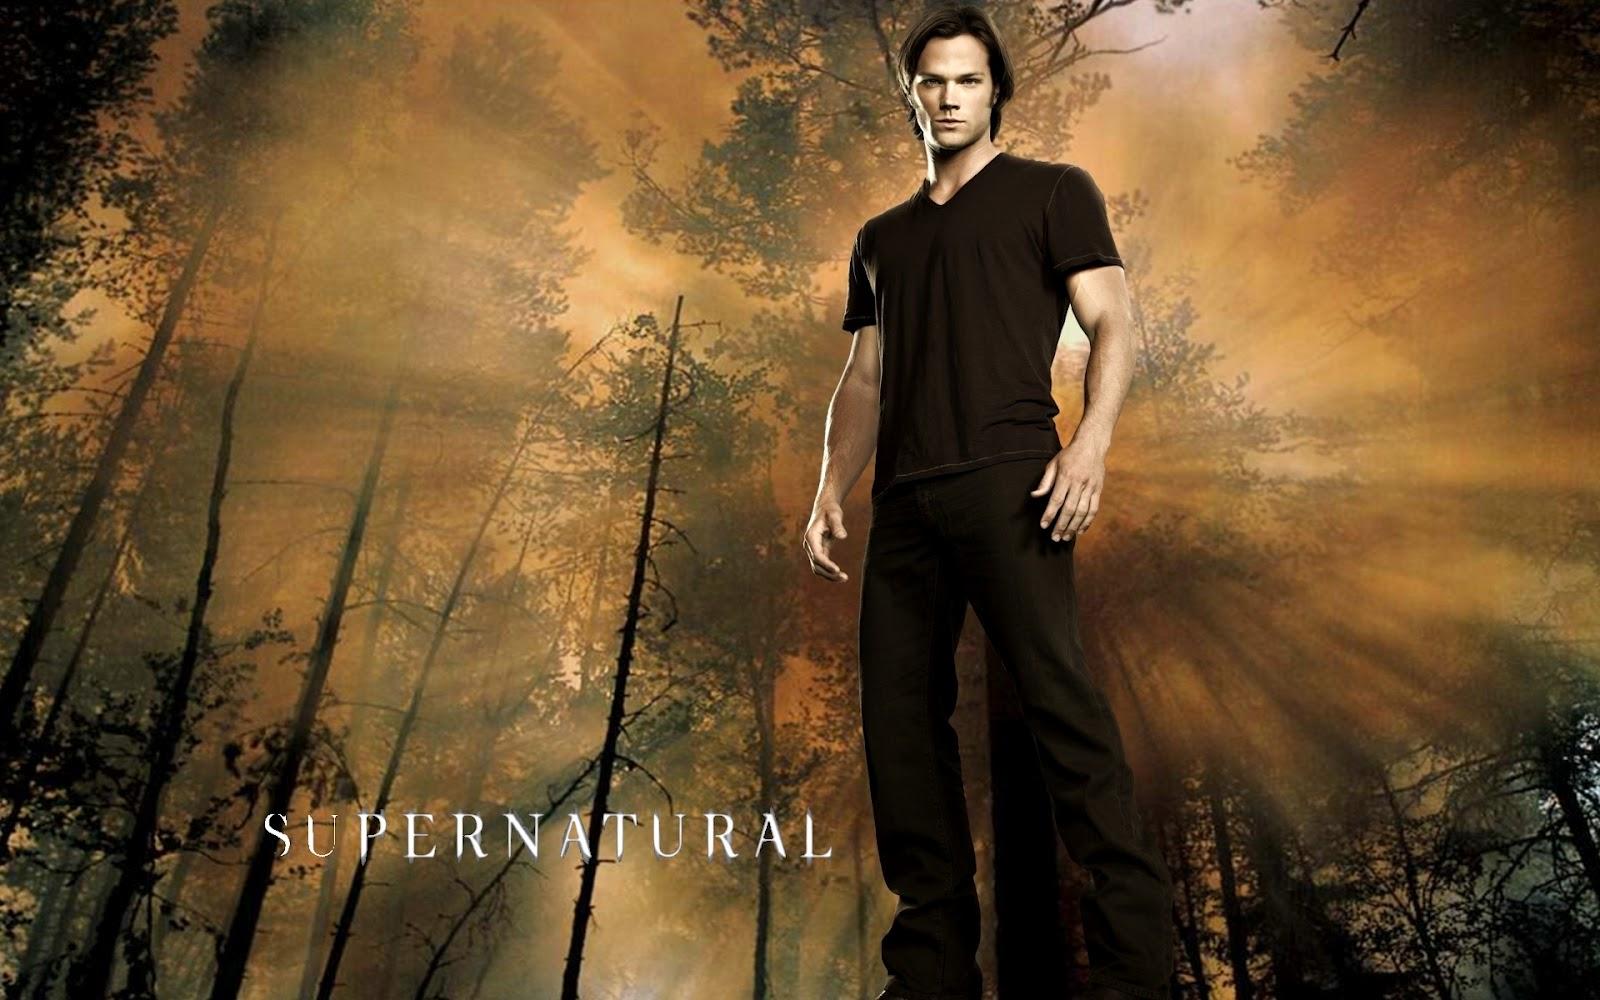 http://4.bp.blogspot.com/-V8c8r7zDPKs/UAaRL-msUQI/AAAAAAAANSI/UVLdigHmXW4/s1600/supernatural_Wallpaper_TV_Series.jpg